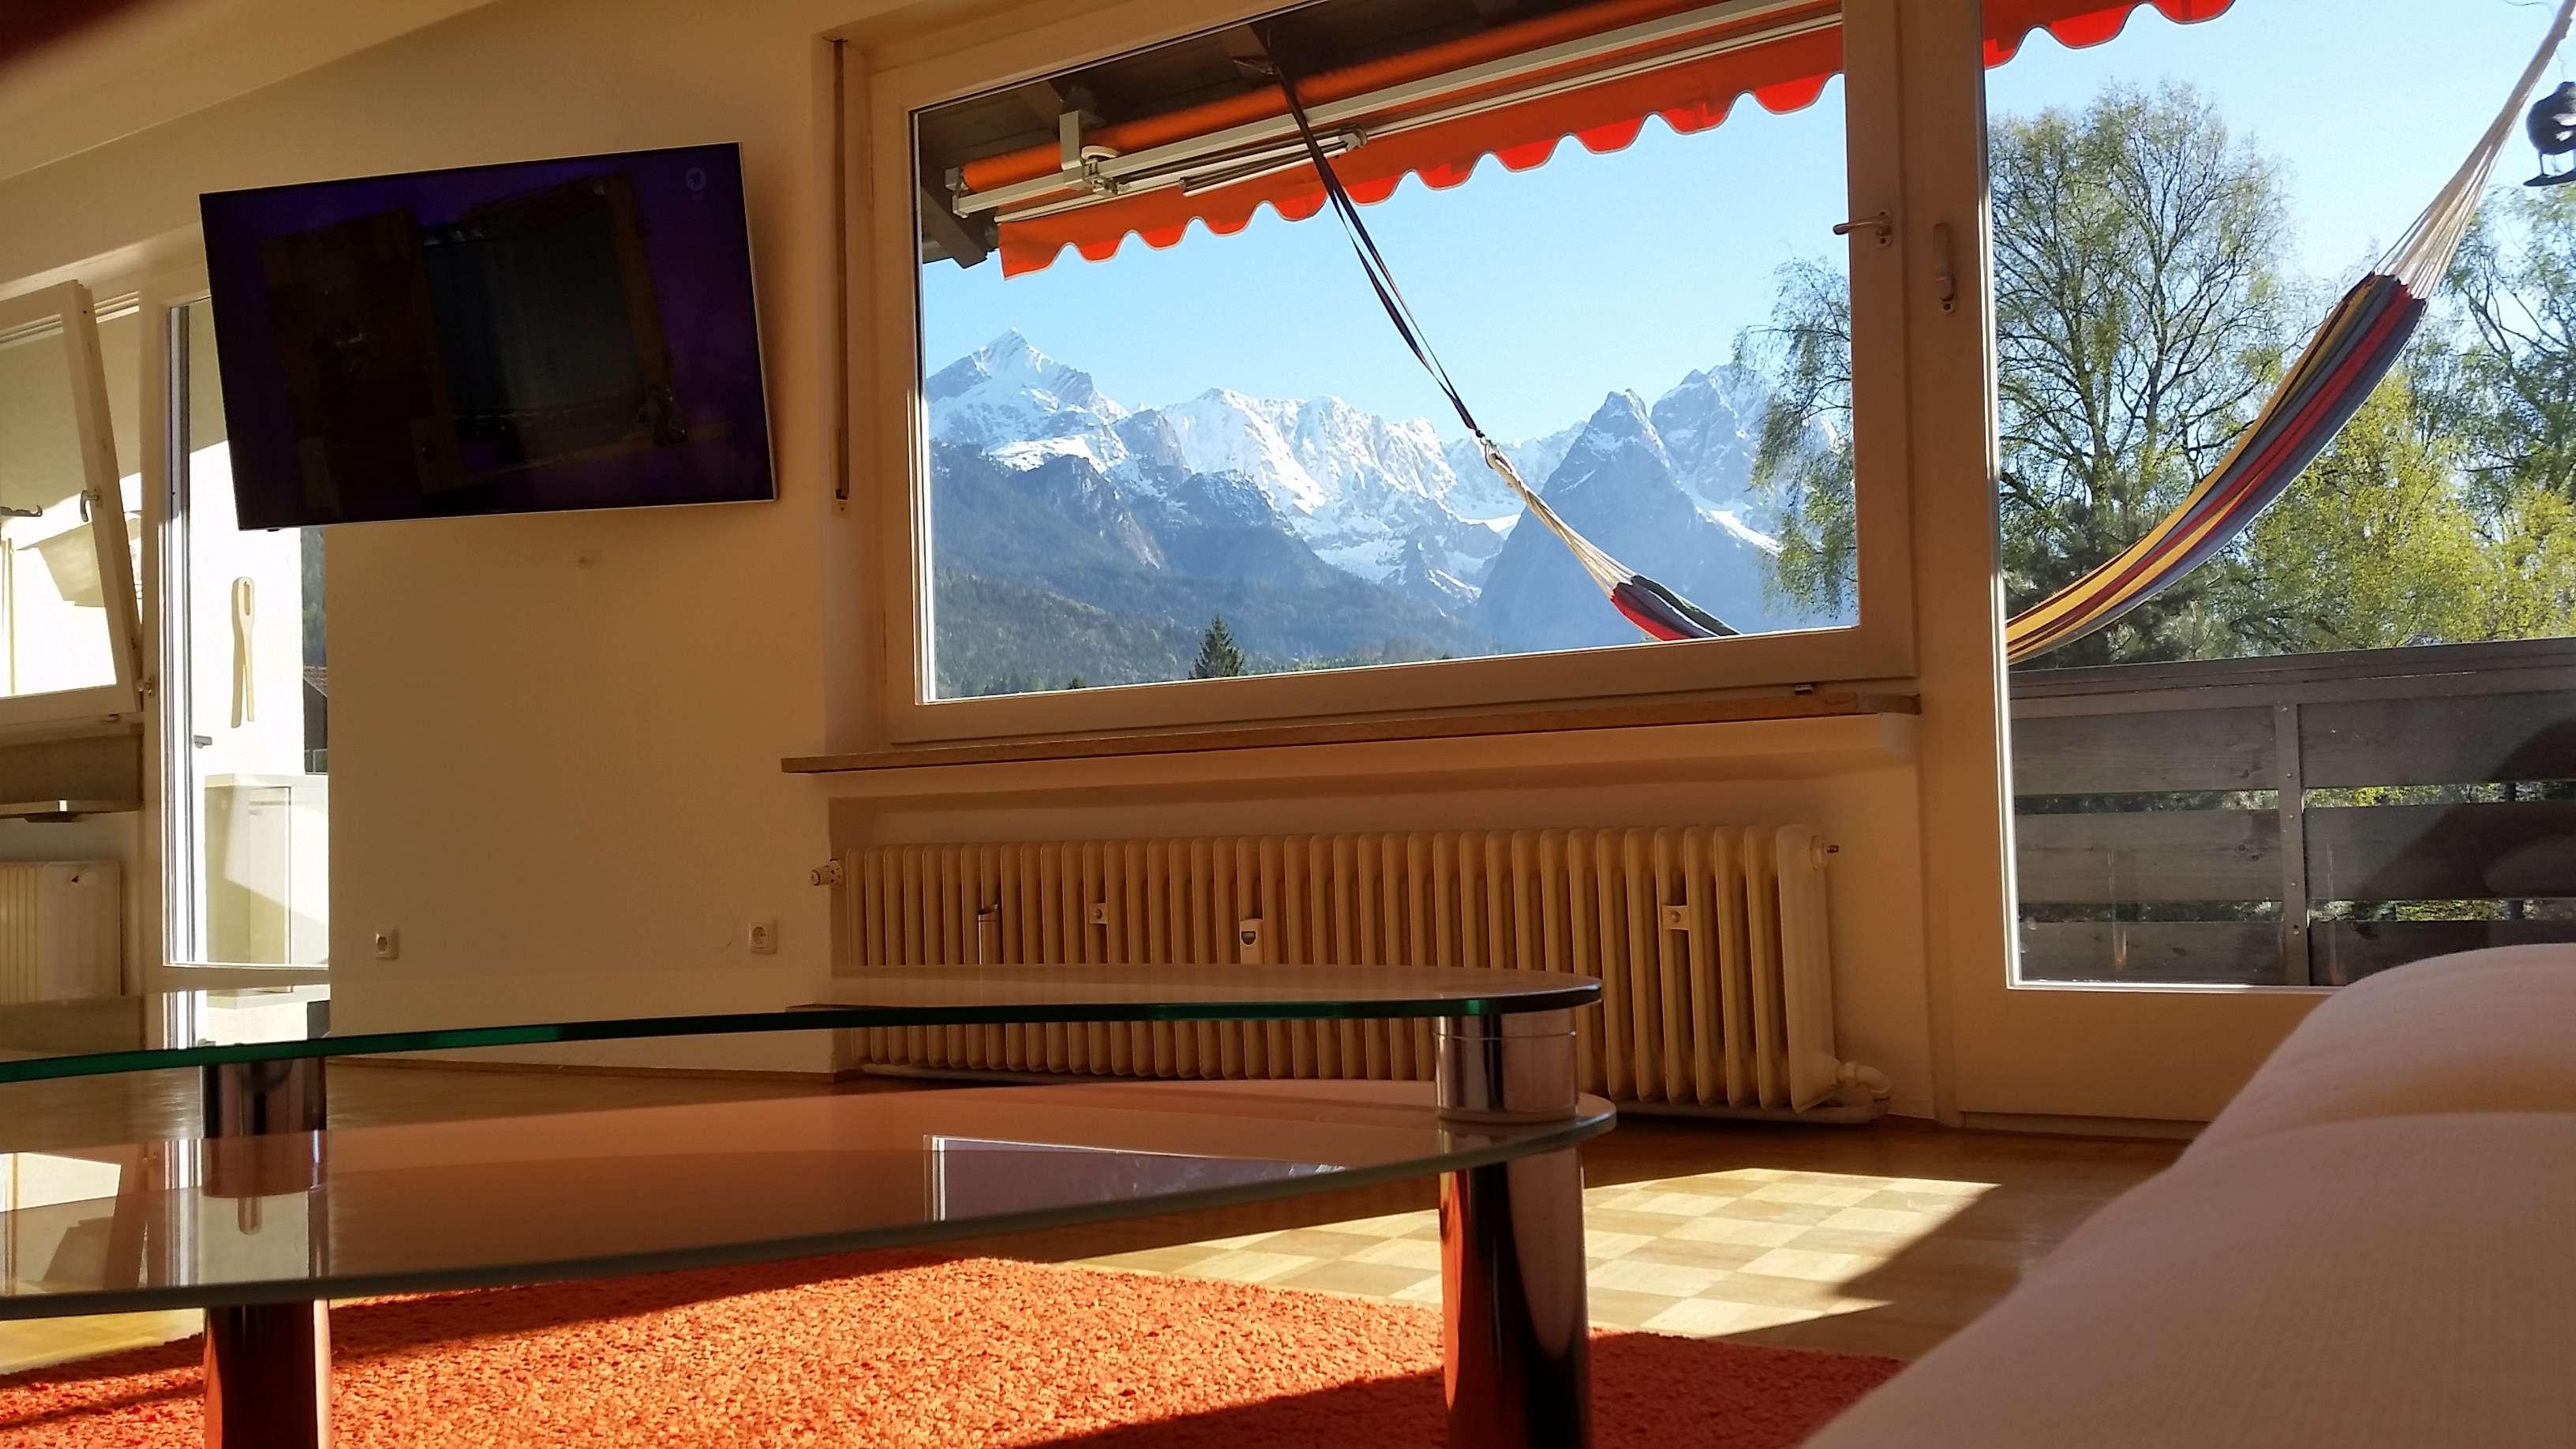 Schöne, geräumige ein Zimmer Wohnung in Garmisch-Partenkirchen (Kreis), Garmisch-Partenkirchen in